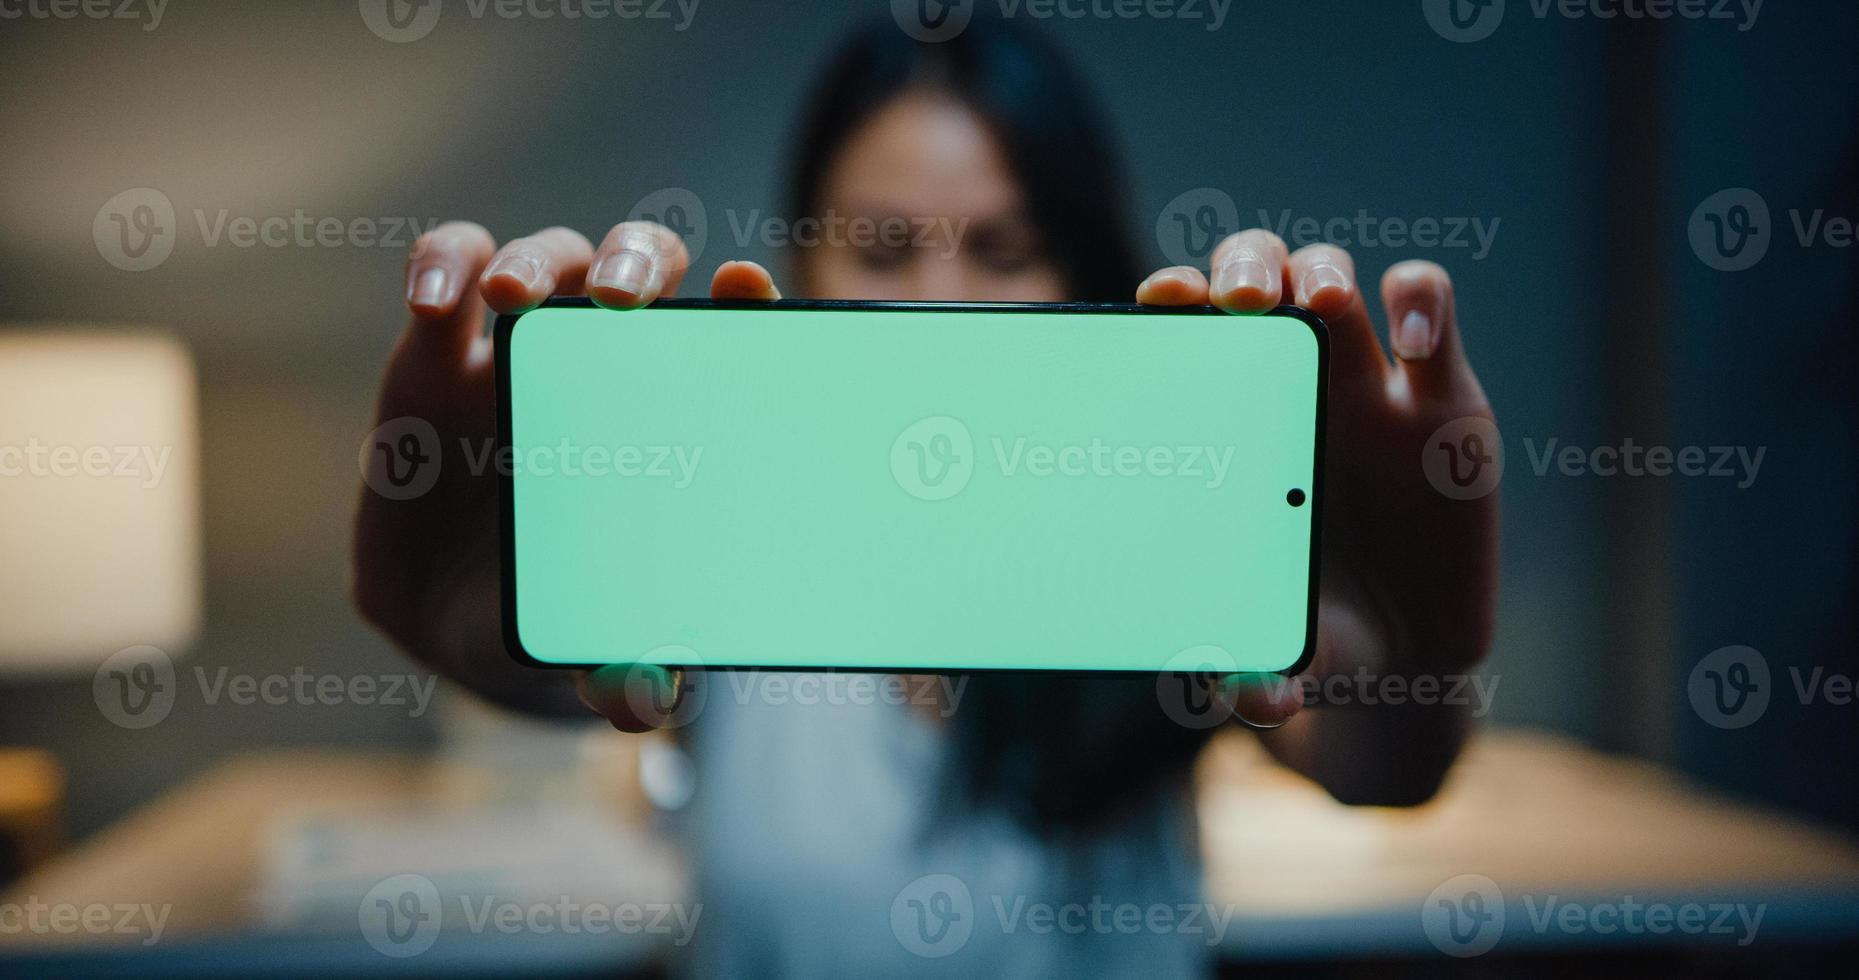 giovane ragazza asiatica abbigliamento casual intelligente che guarda la macchina fotografica, sorride, felice e mostra lo smartphone con schermo mock-up nella notte della casa moderna. lavoro da casa, distanza sociale, cellulare chroma key, navigazione internet. foto